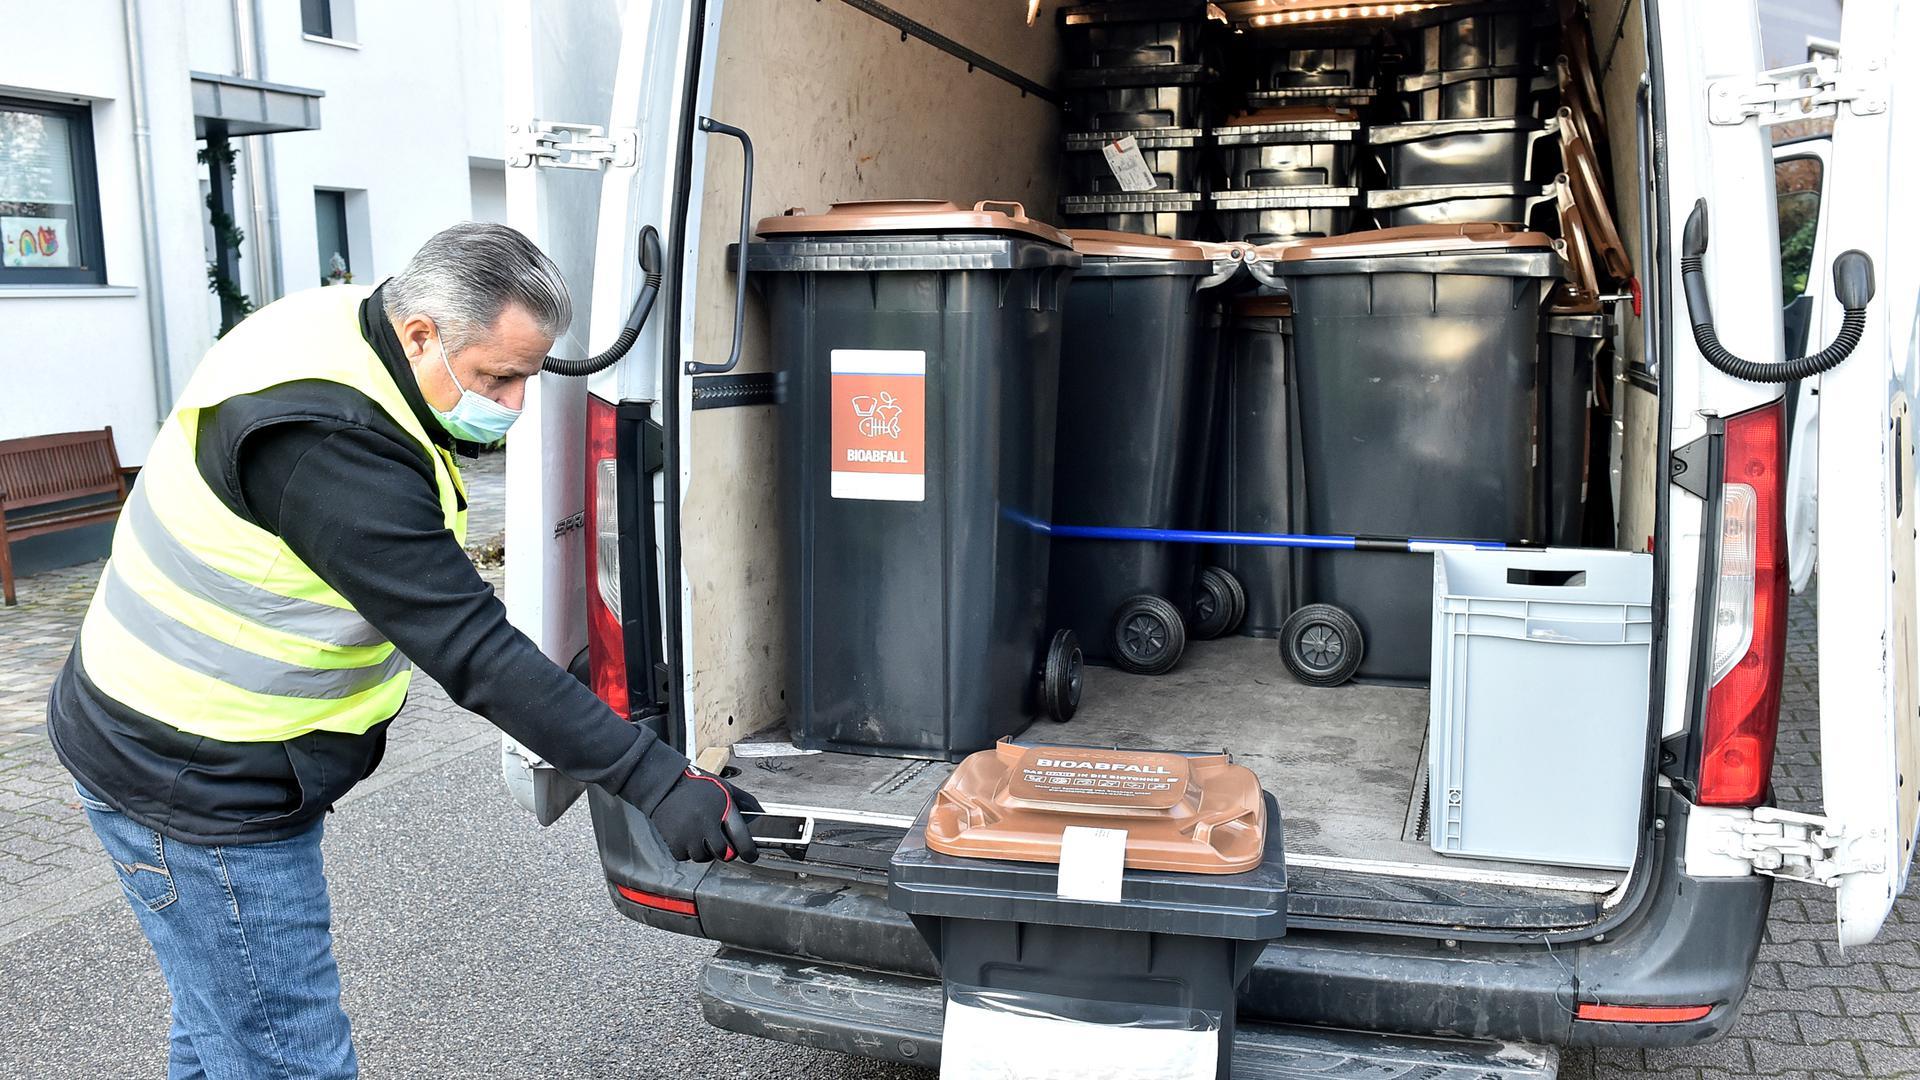 Die entsprechenden Behälter sind noch vor Weihnachten an die Haushalte ausgeliefert worden, die sich für die Biotonne entschieden haben.